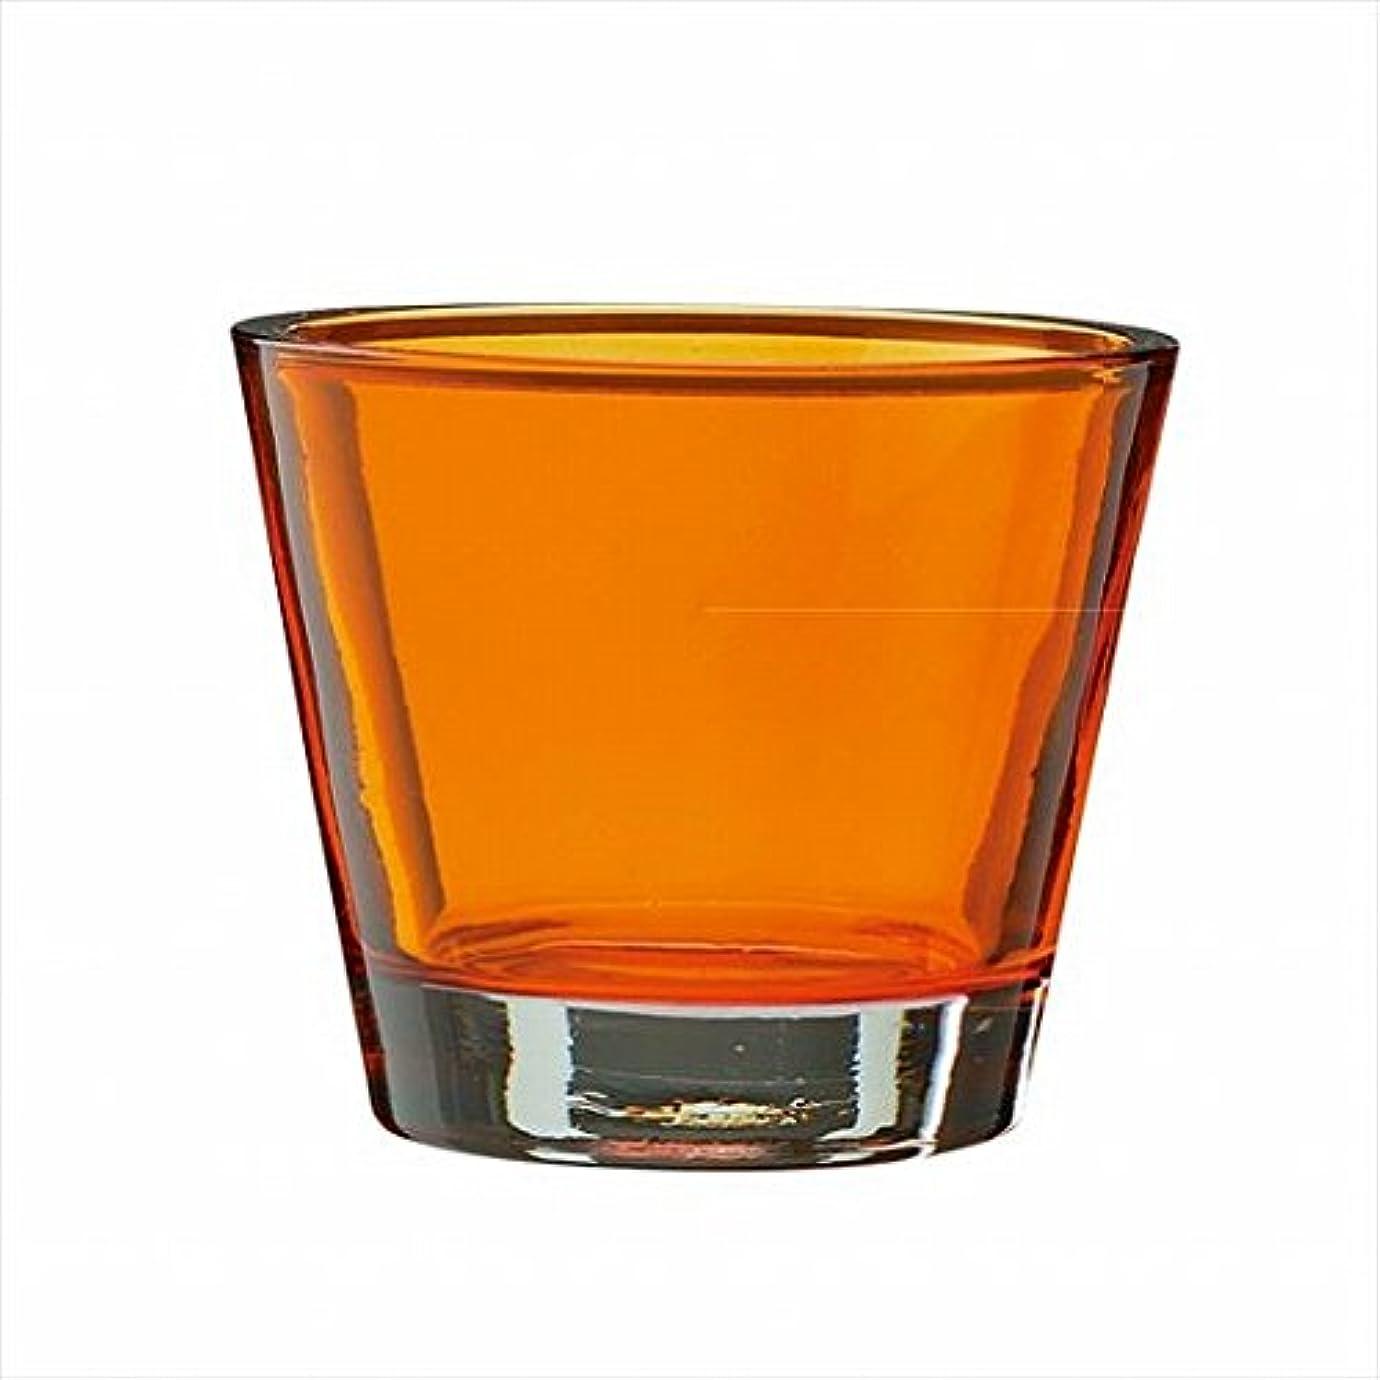 ハーブ生き返らせる万歳カメヤマキャンドル(kameyama candle) カラリス 「 オレンジ 」